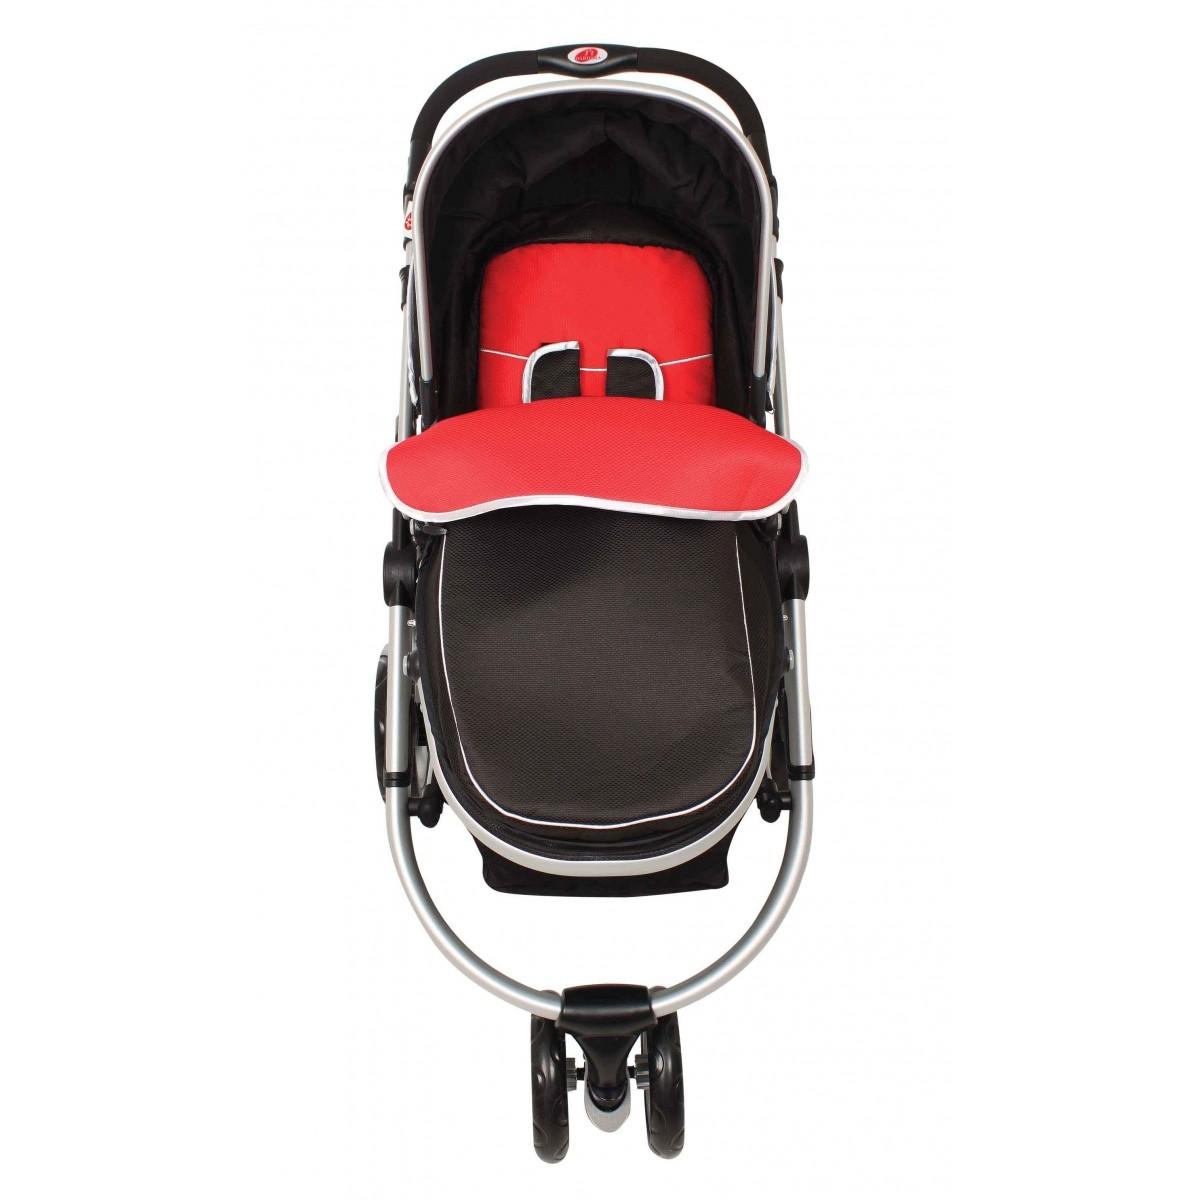 Carrinho de Bebê Absoluto Vermelho Dardara